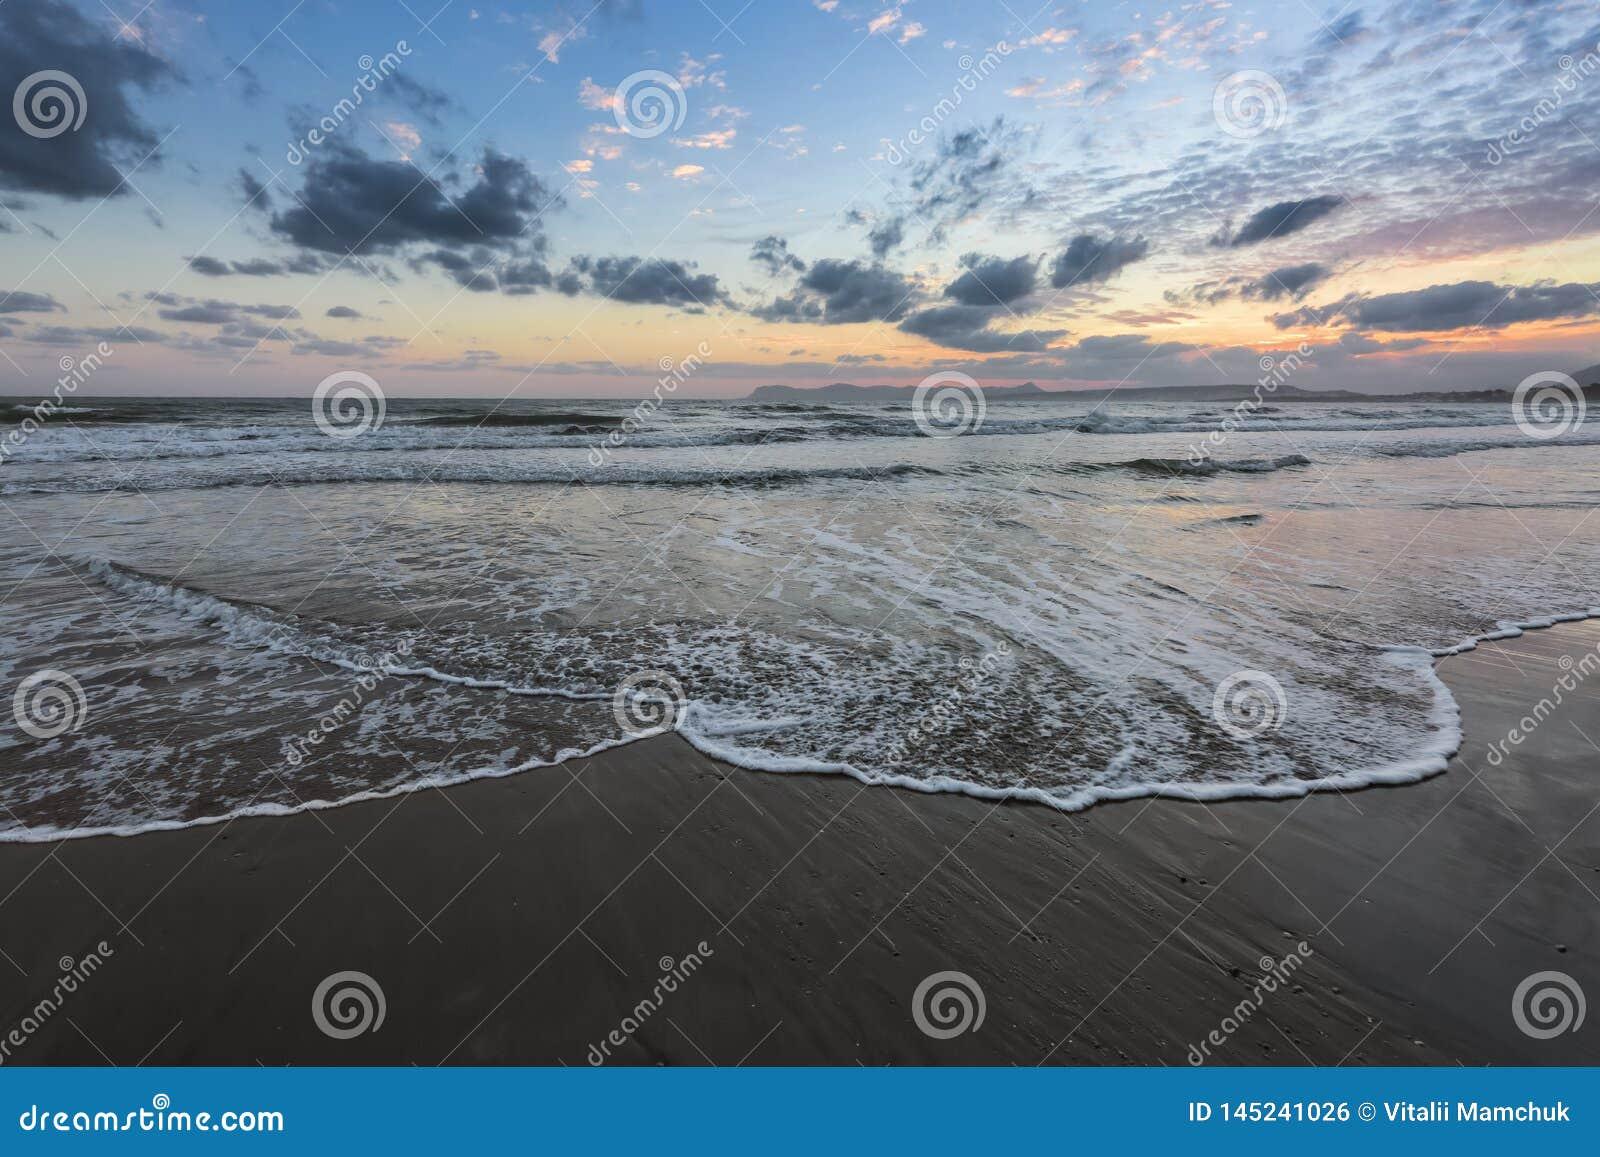 Τα υψηλά κύματα με τον αφρό διαδίδουν στην άμμο στην ακτή που το φως του απίστευτου ηλιοβασιλέματος απεικονίζει στη θάλασσα Βουνά